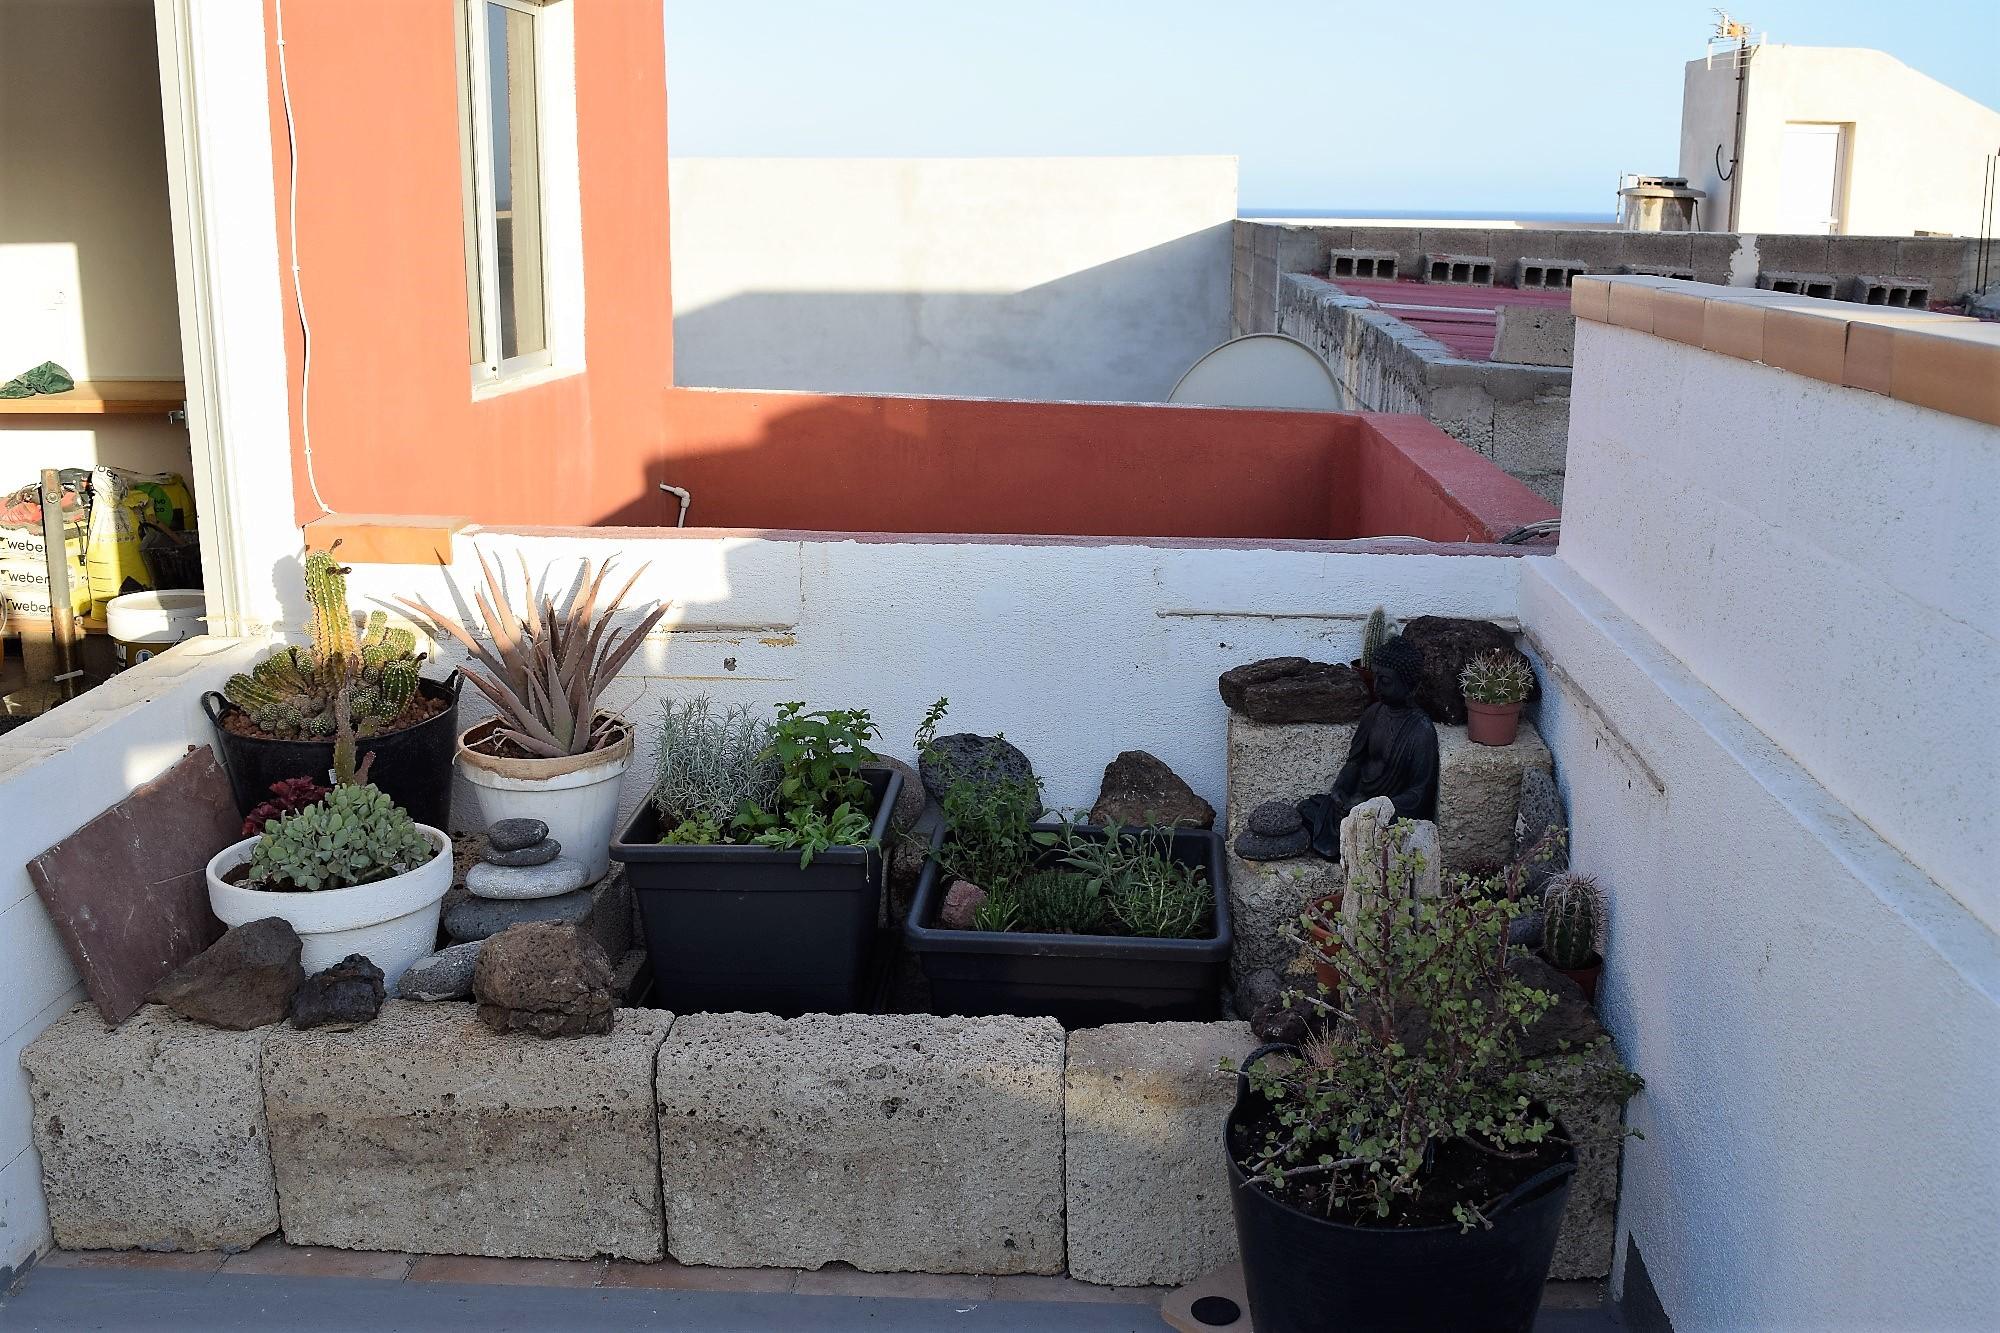 Ferienwohnung El Médano am Strand - La Caleta - Dachterrasse Pflanzen